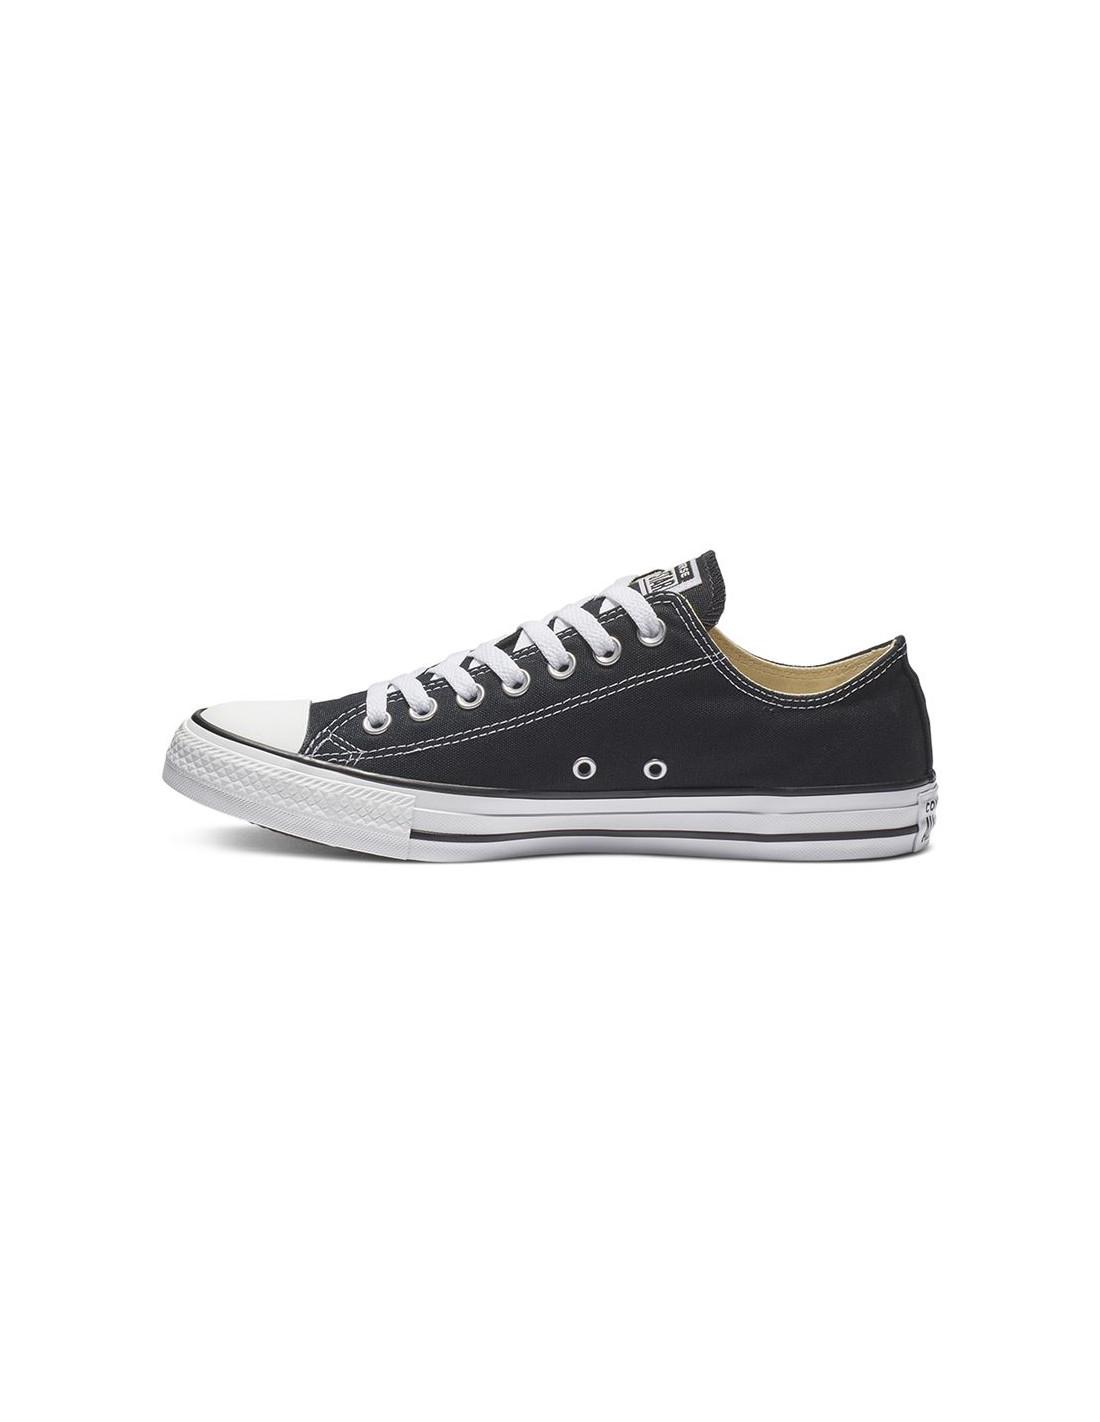 ᐈ Zapatillas Converse Chuck Taylor All Star Classic